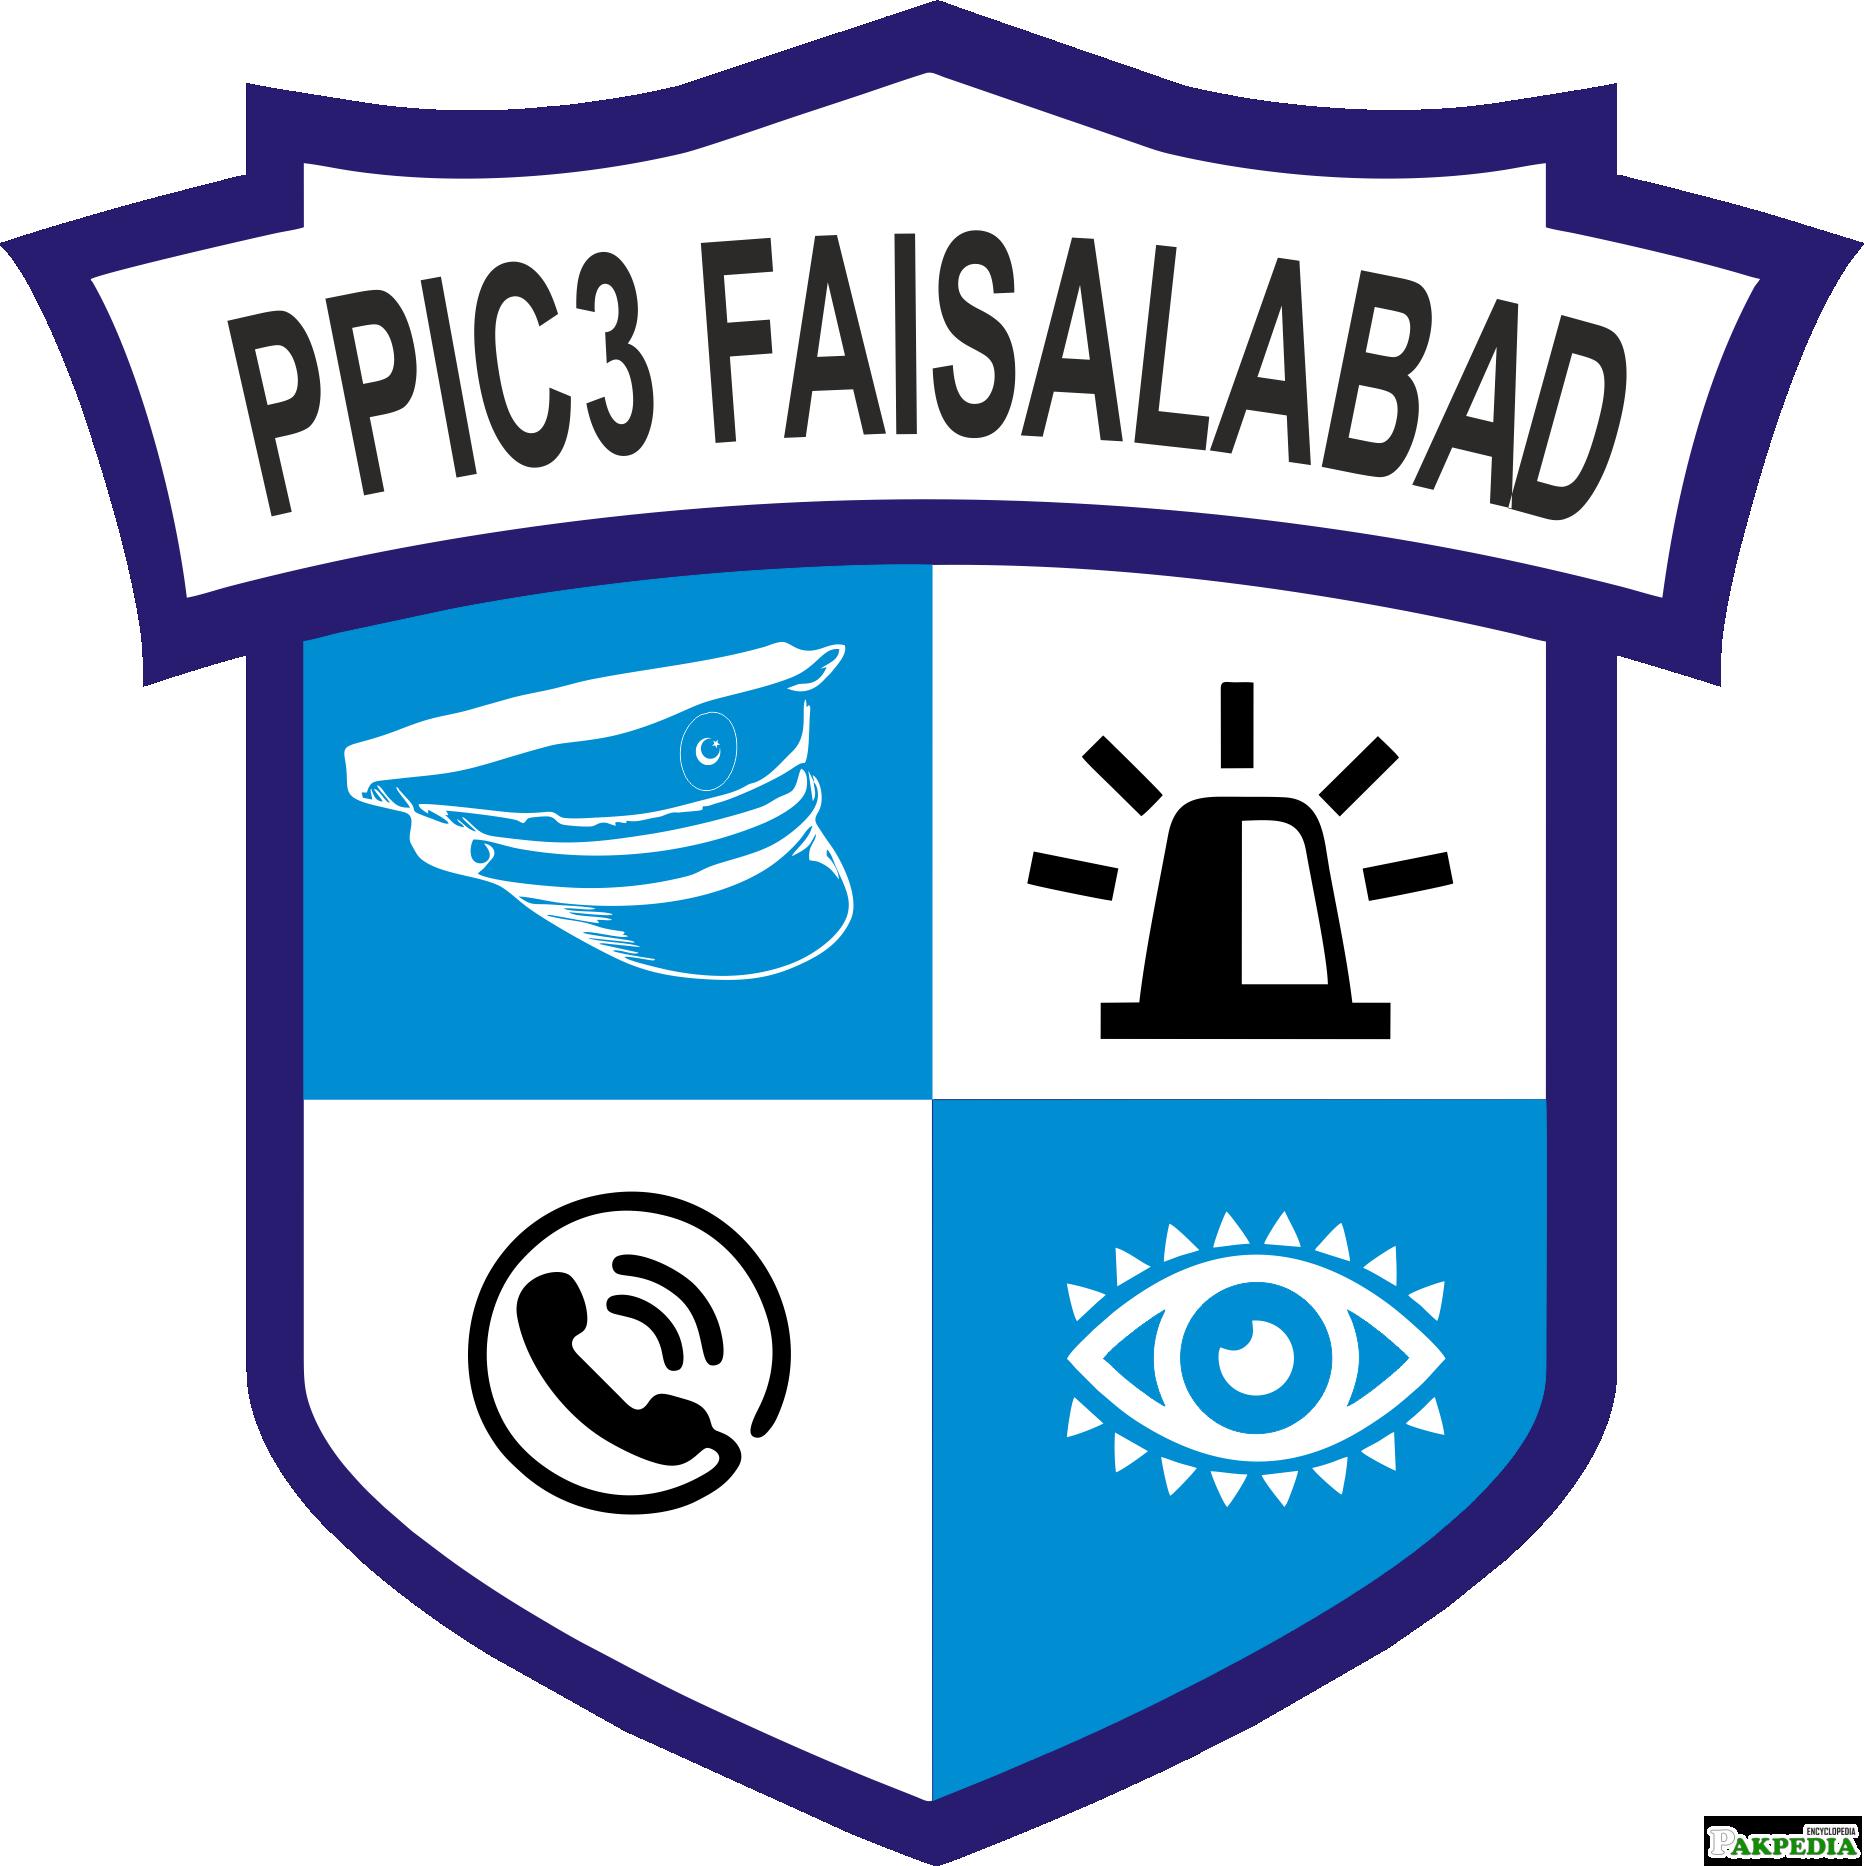 PSCA Faisalabad logo